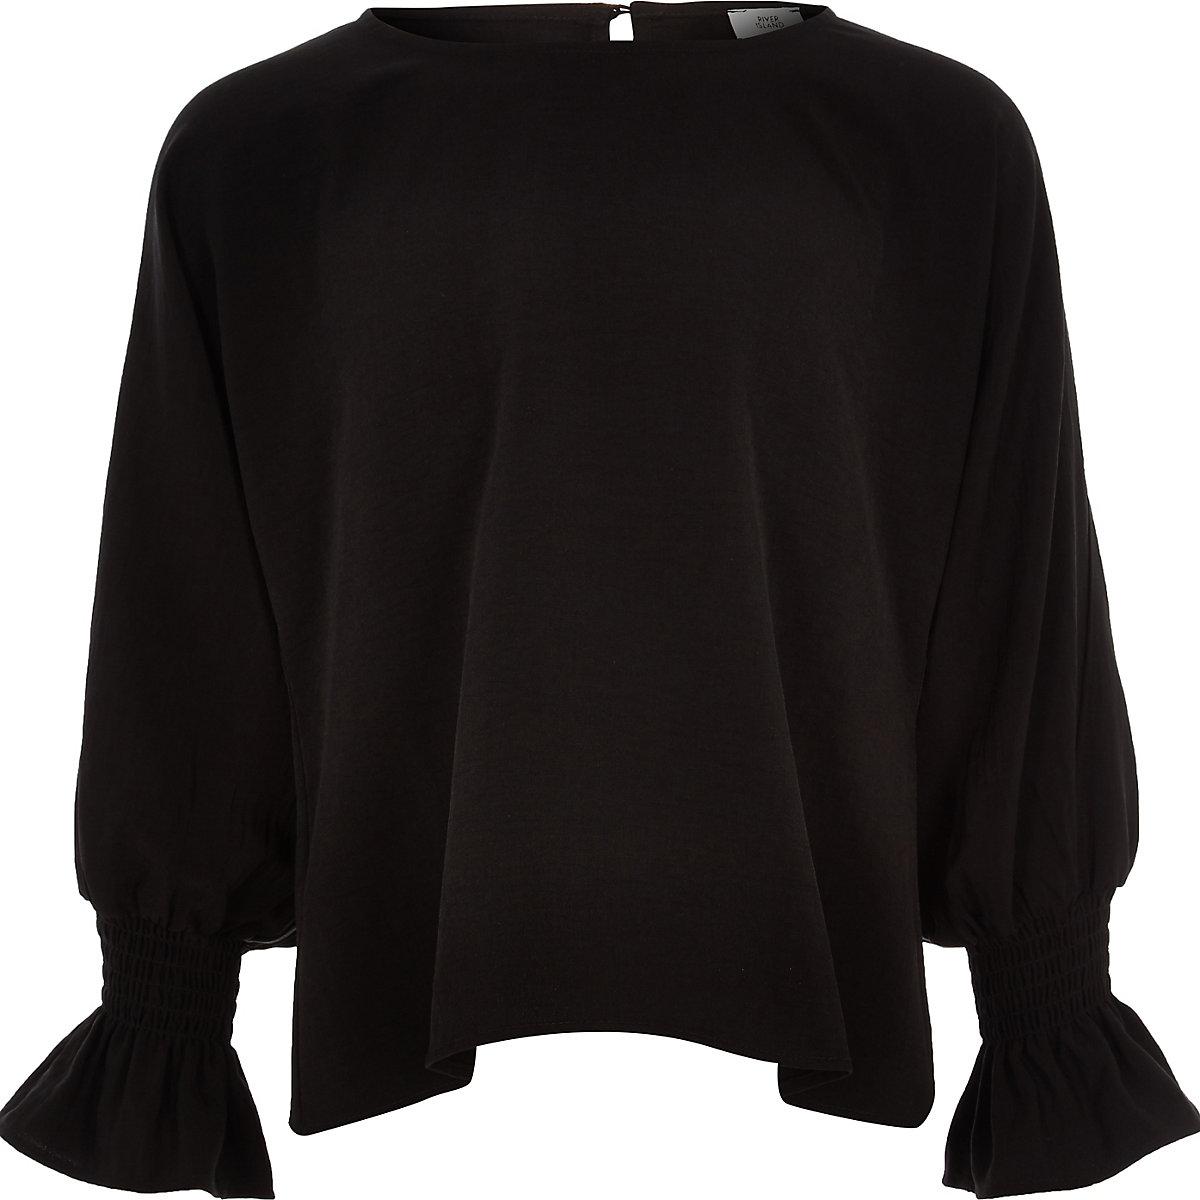 Black long split sleeve top